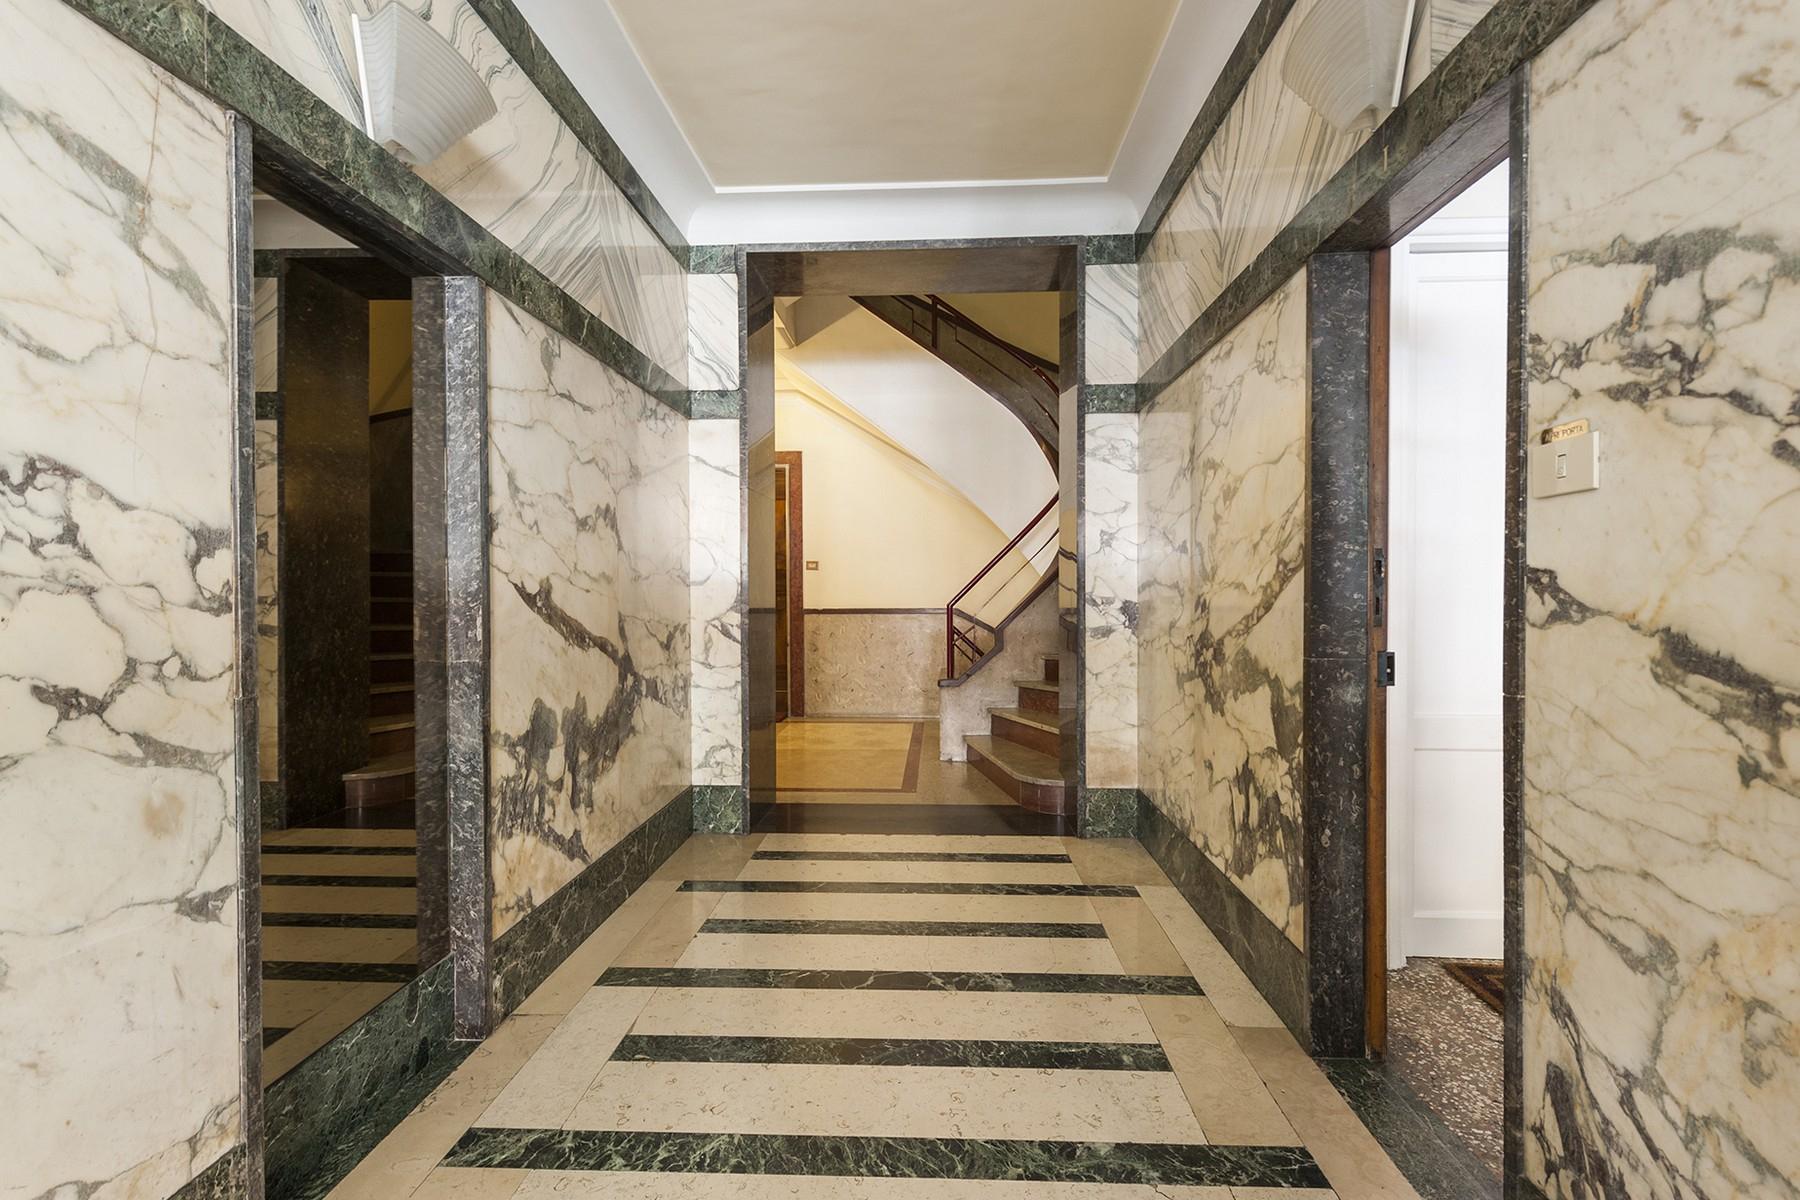 Ufficio-studio in Affitto a Roma 02 Parioli / Pinciano / Flaminio: 4 locali, 90 mq